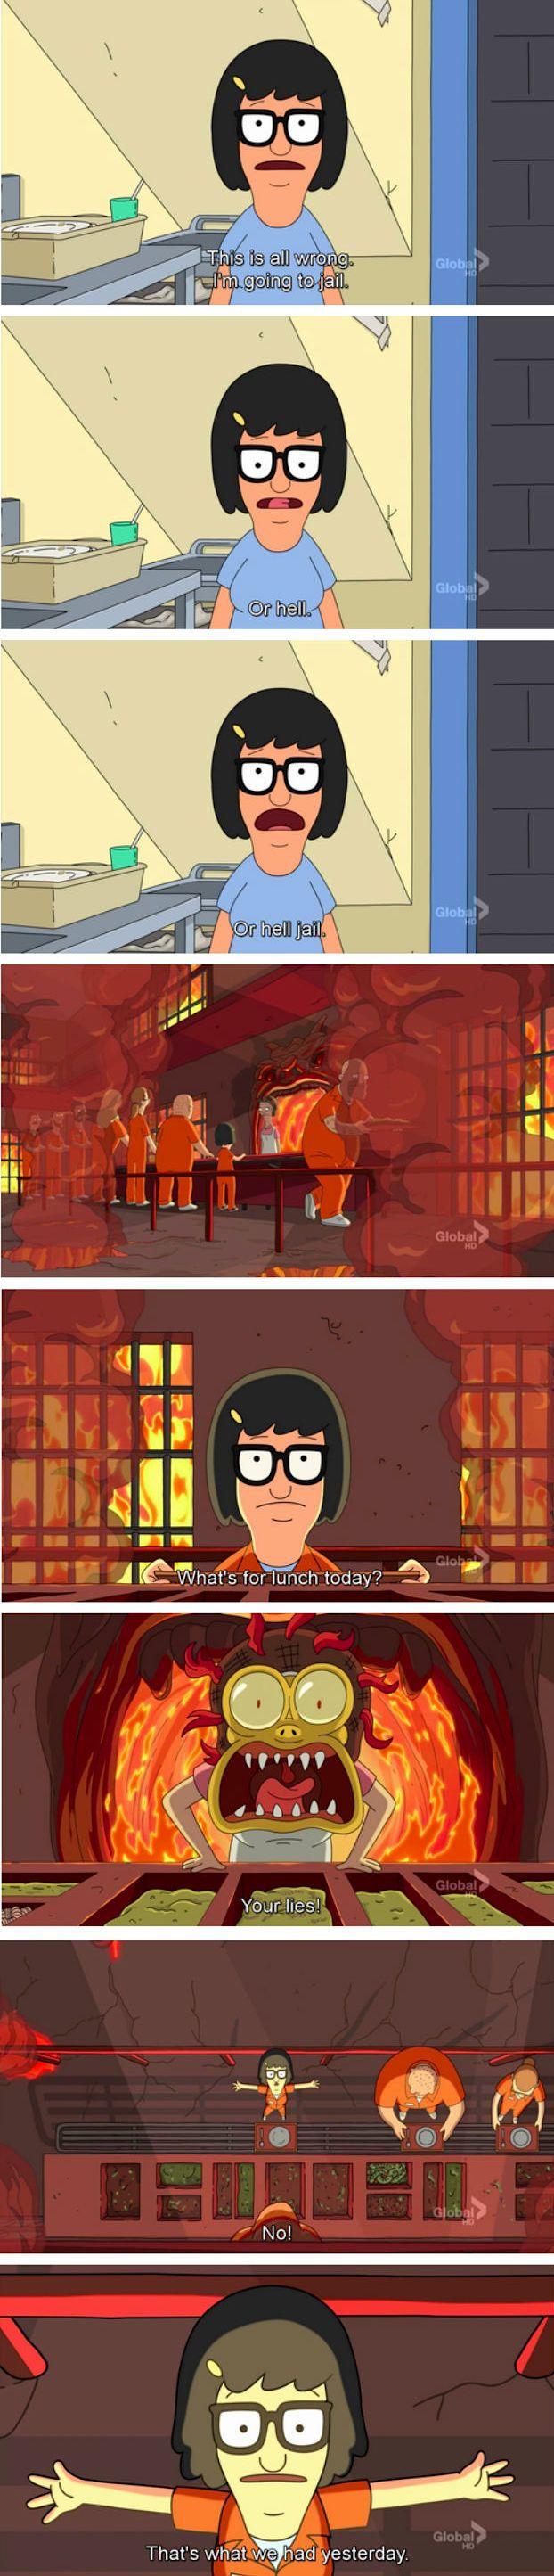 Bob's Burgers (Tina's Hell)